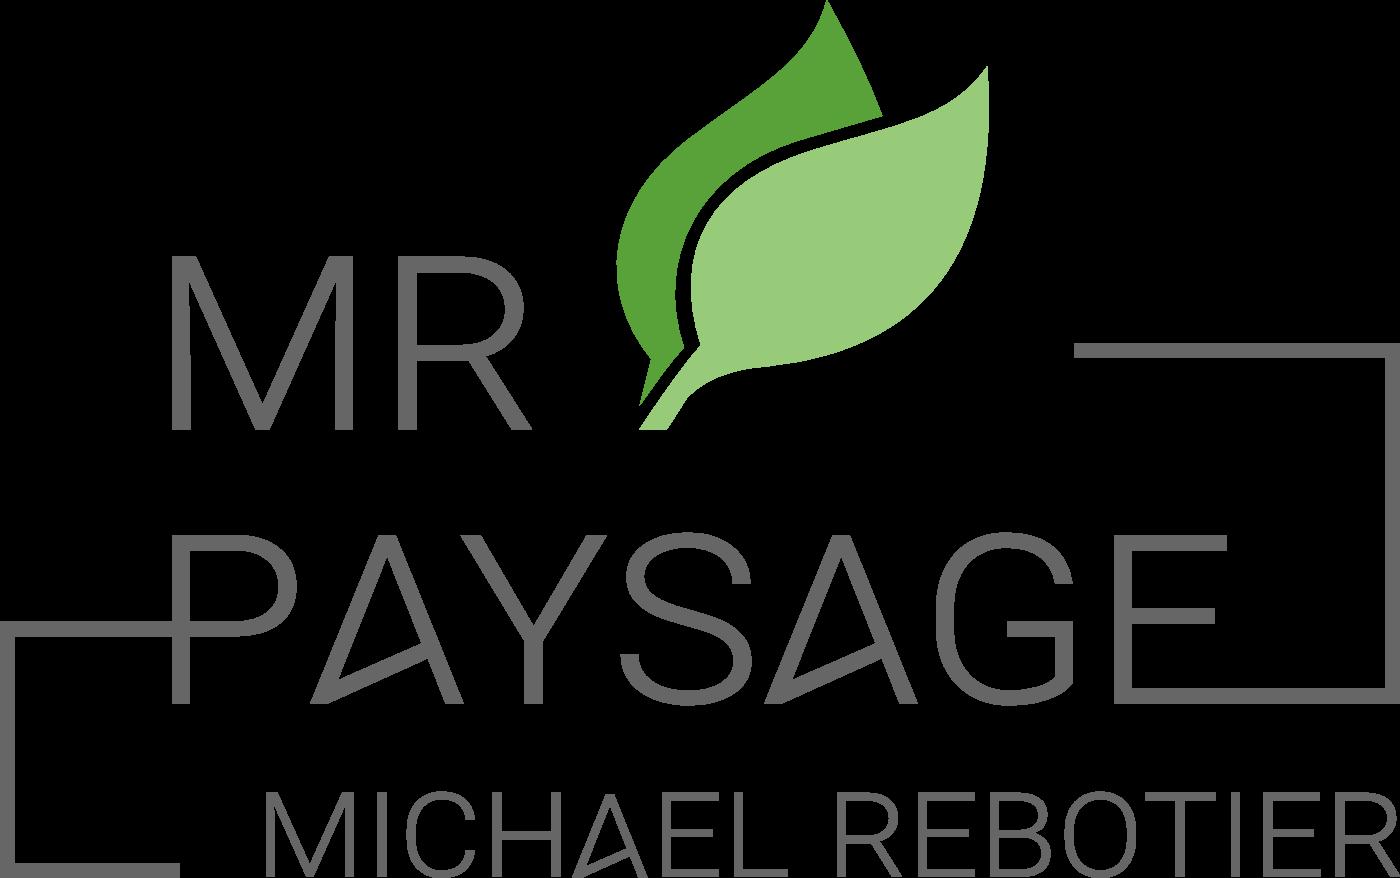 Logo MR PAYSAGE